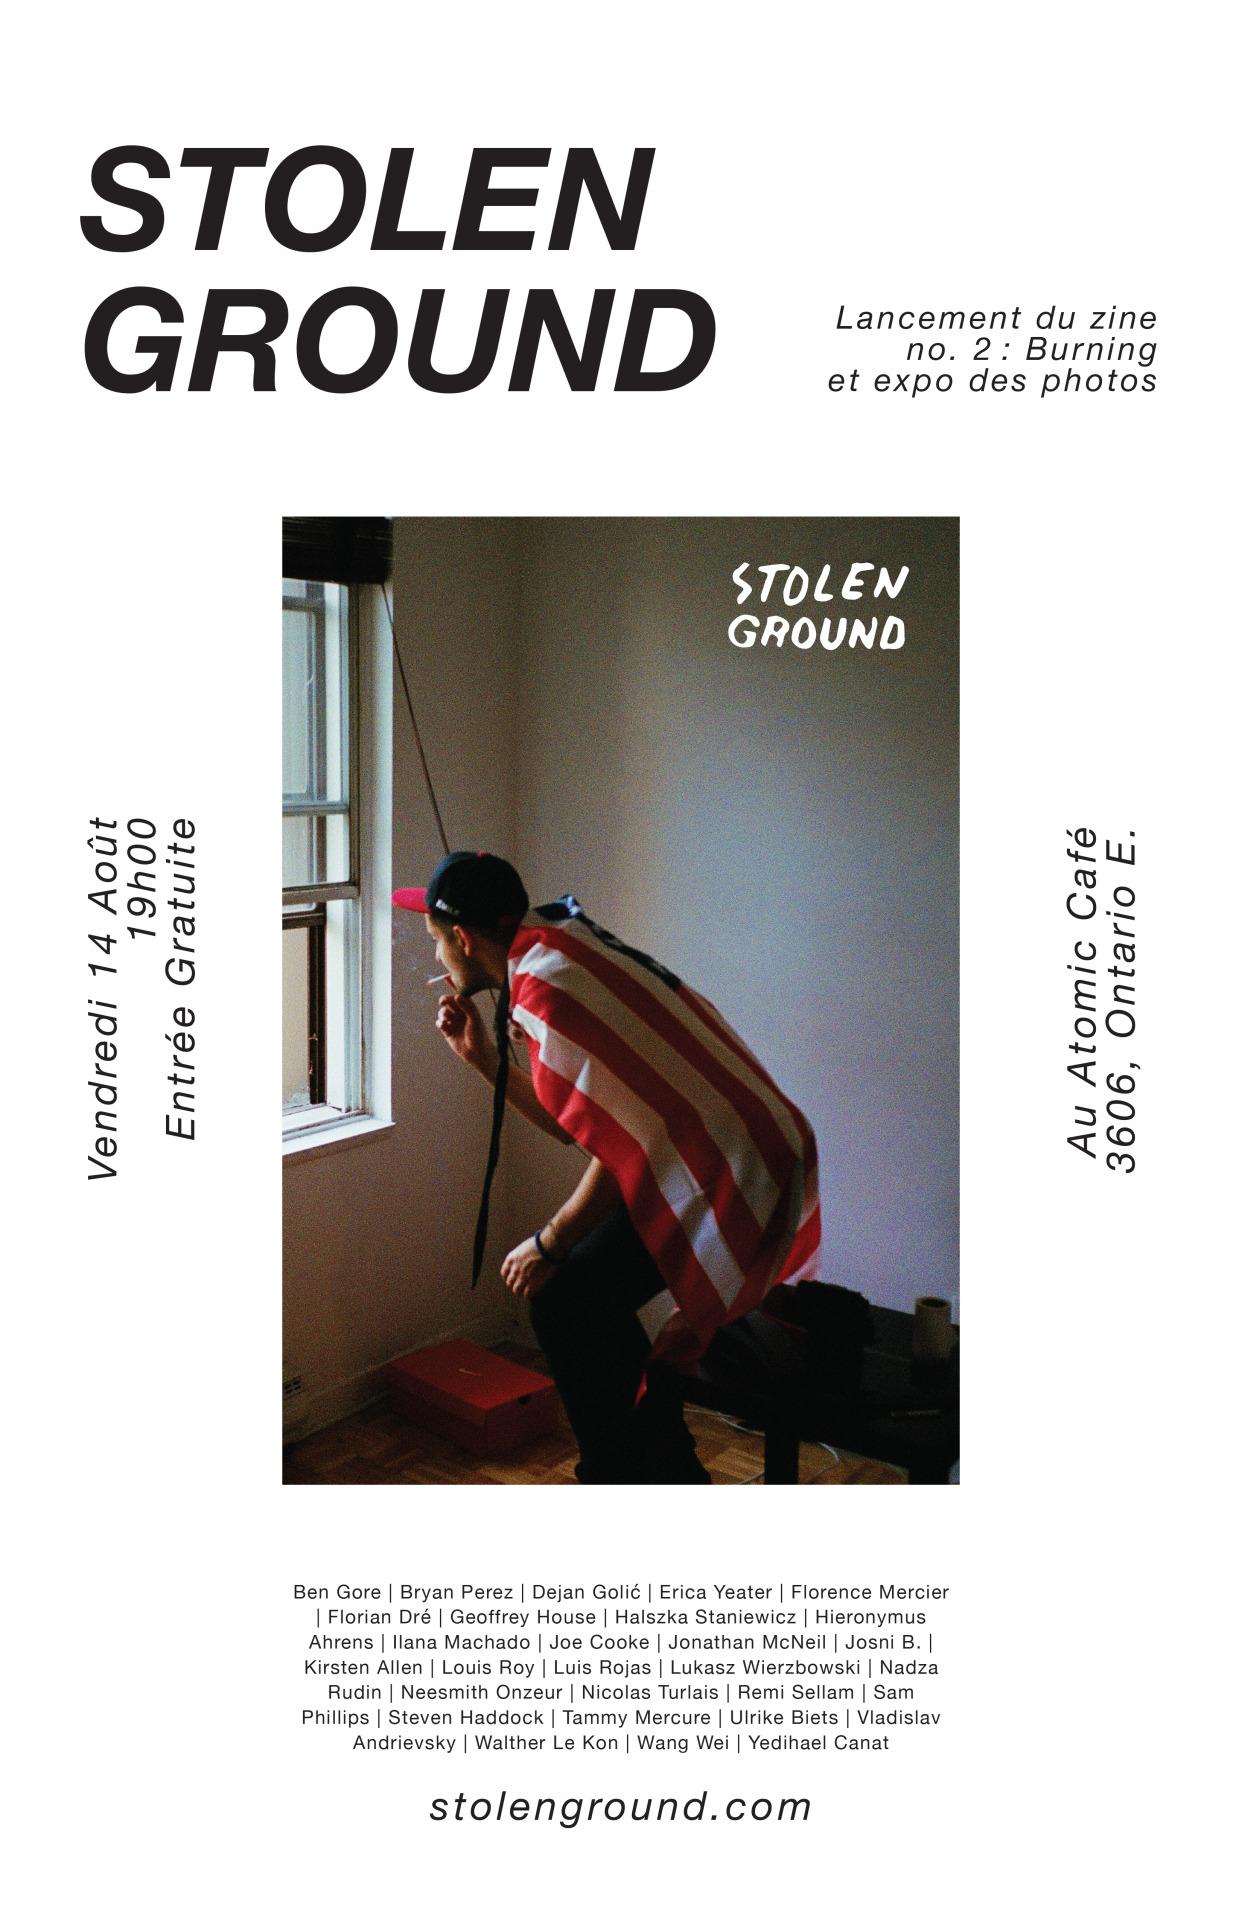 Stolen Ground Exhibition Steven Haddock.jpg